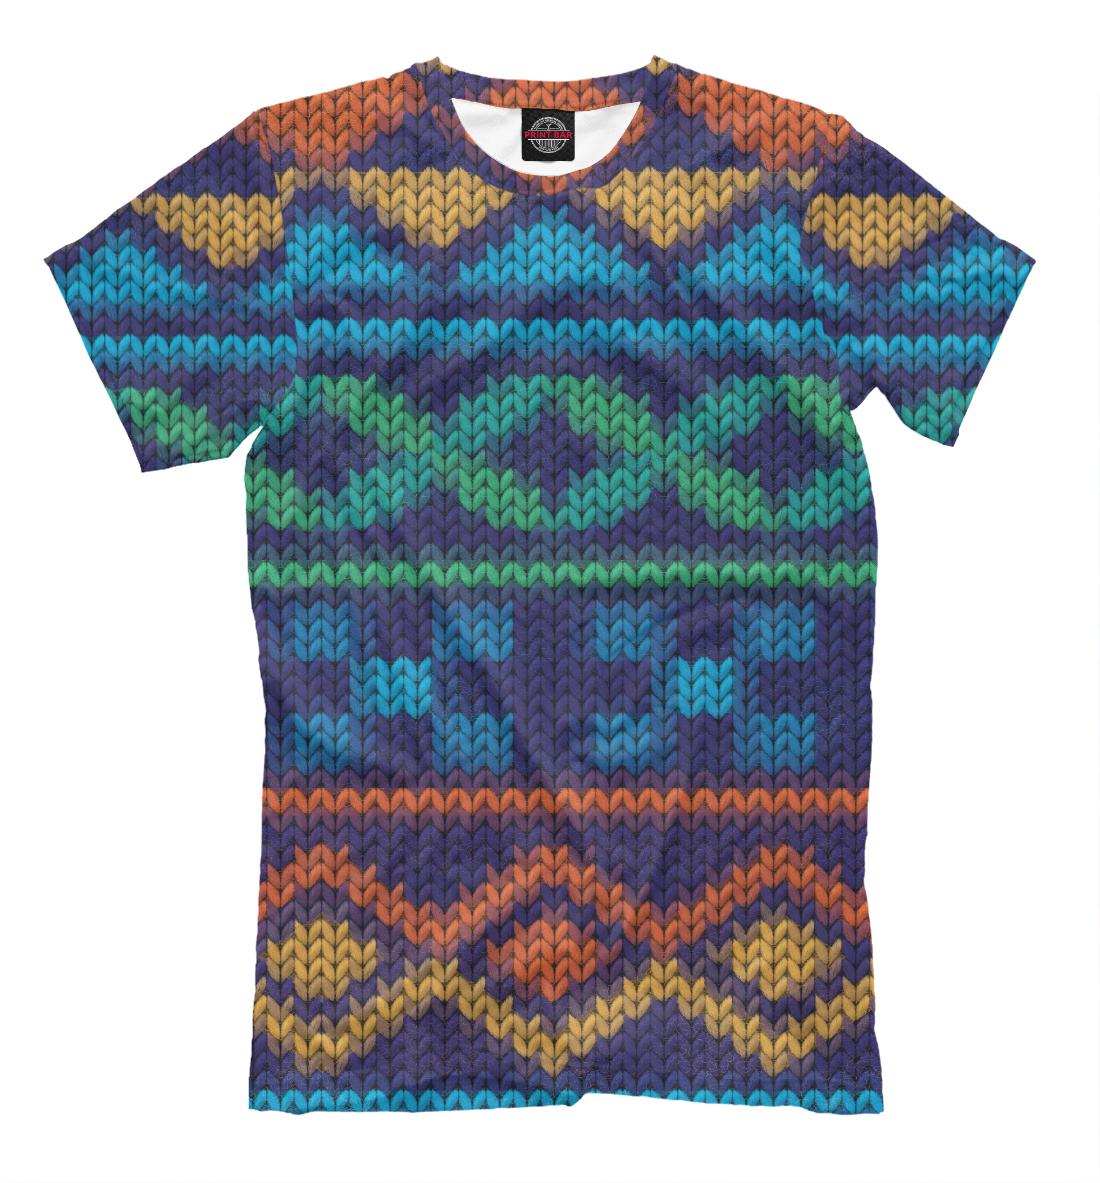 Купить Зимний свитер, Printbar, Футболки, NOV-780355-fut-2